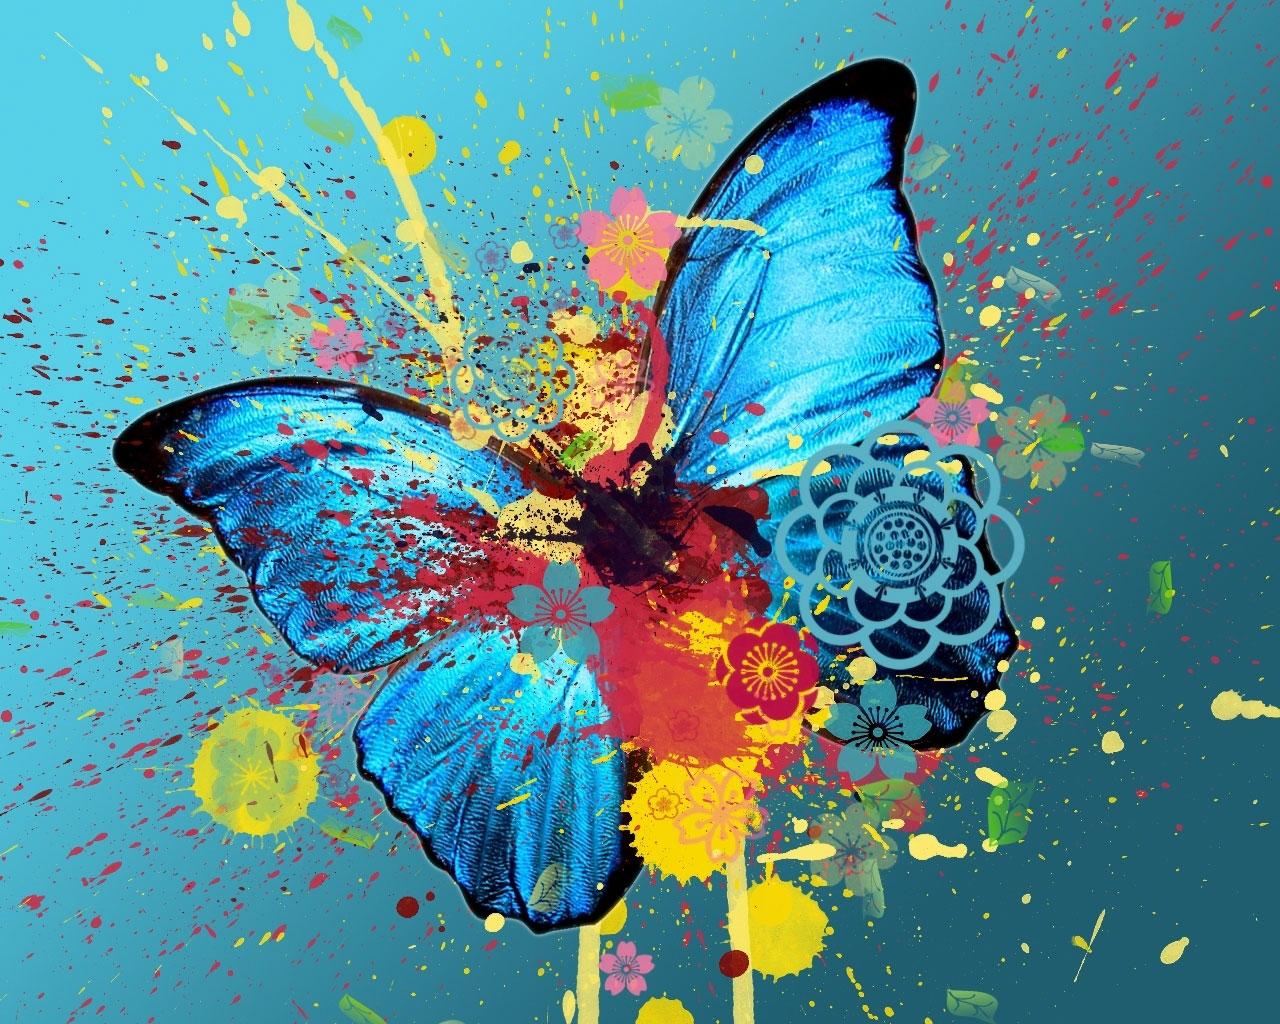 Abstract Art Desktop Wallpapers Abstract Art Wallpaper 1280x1024